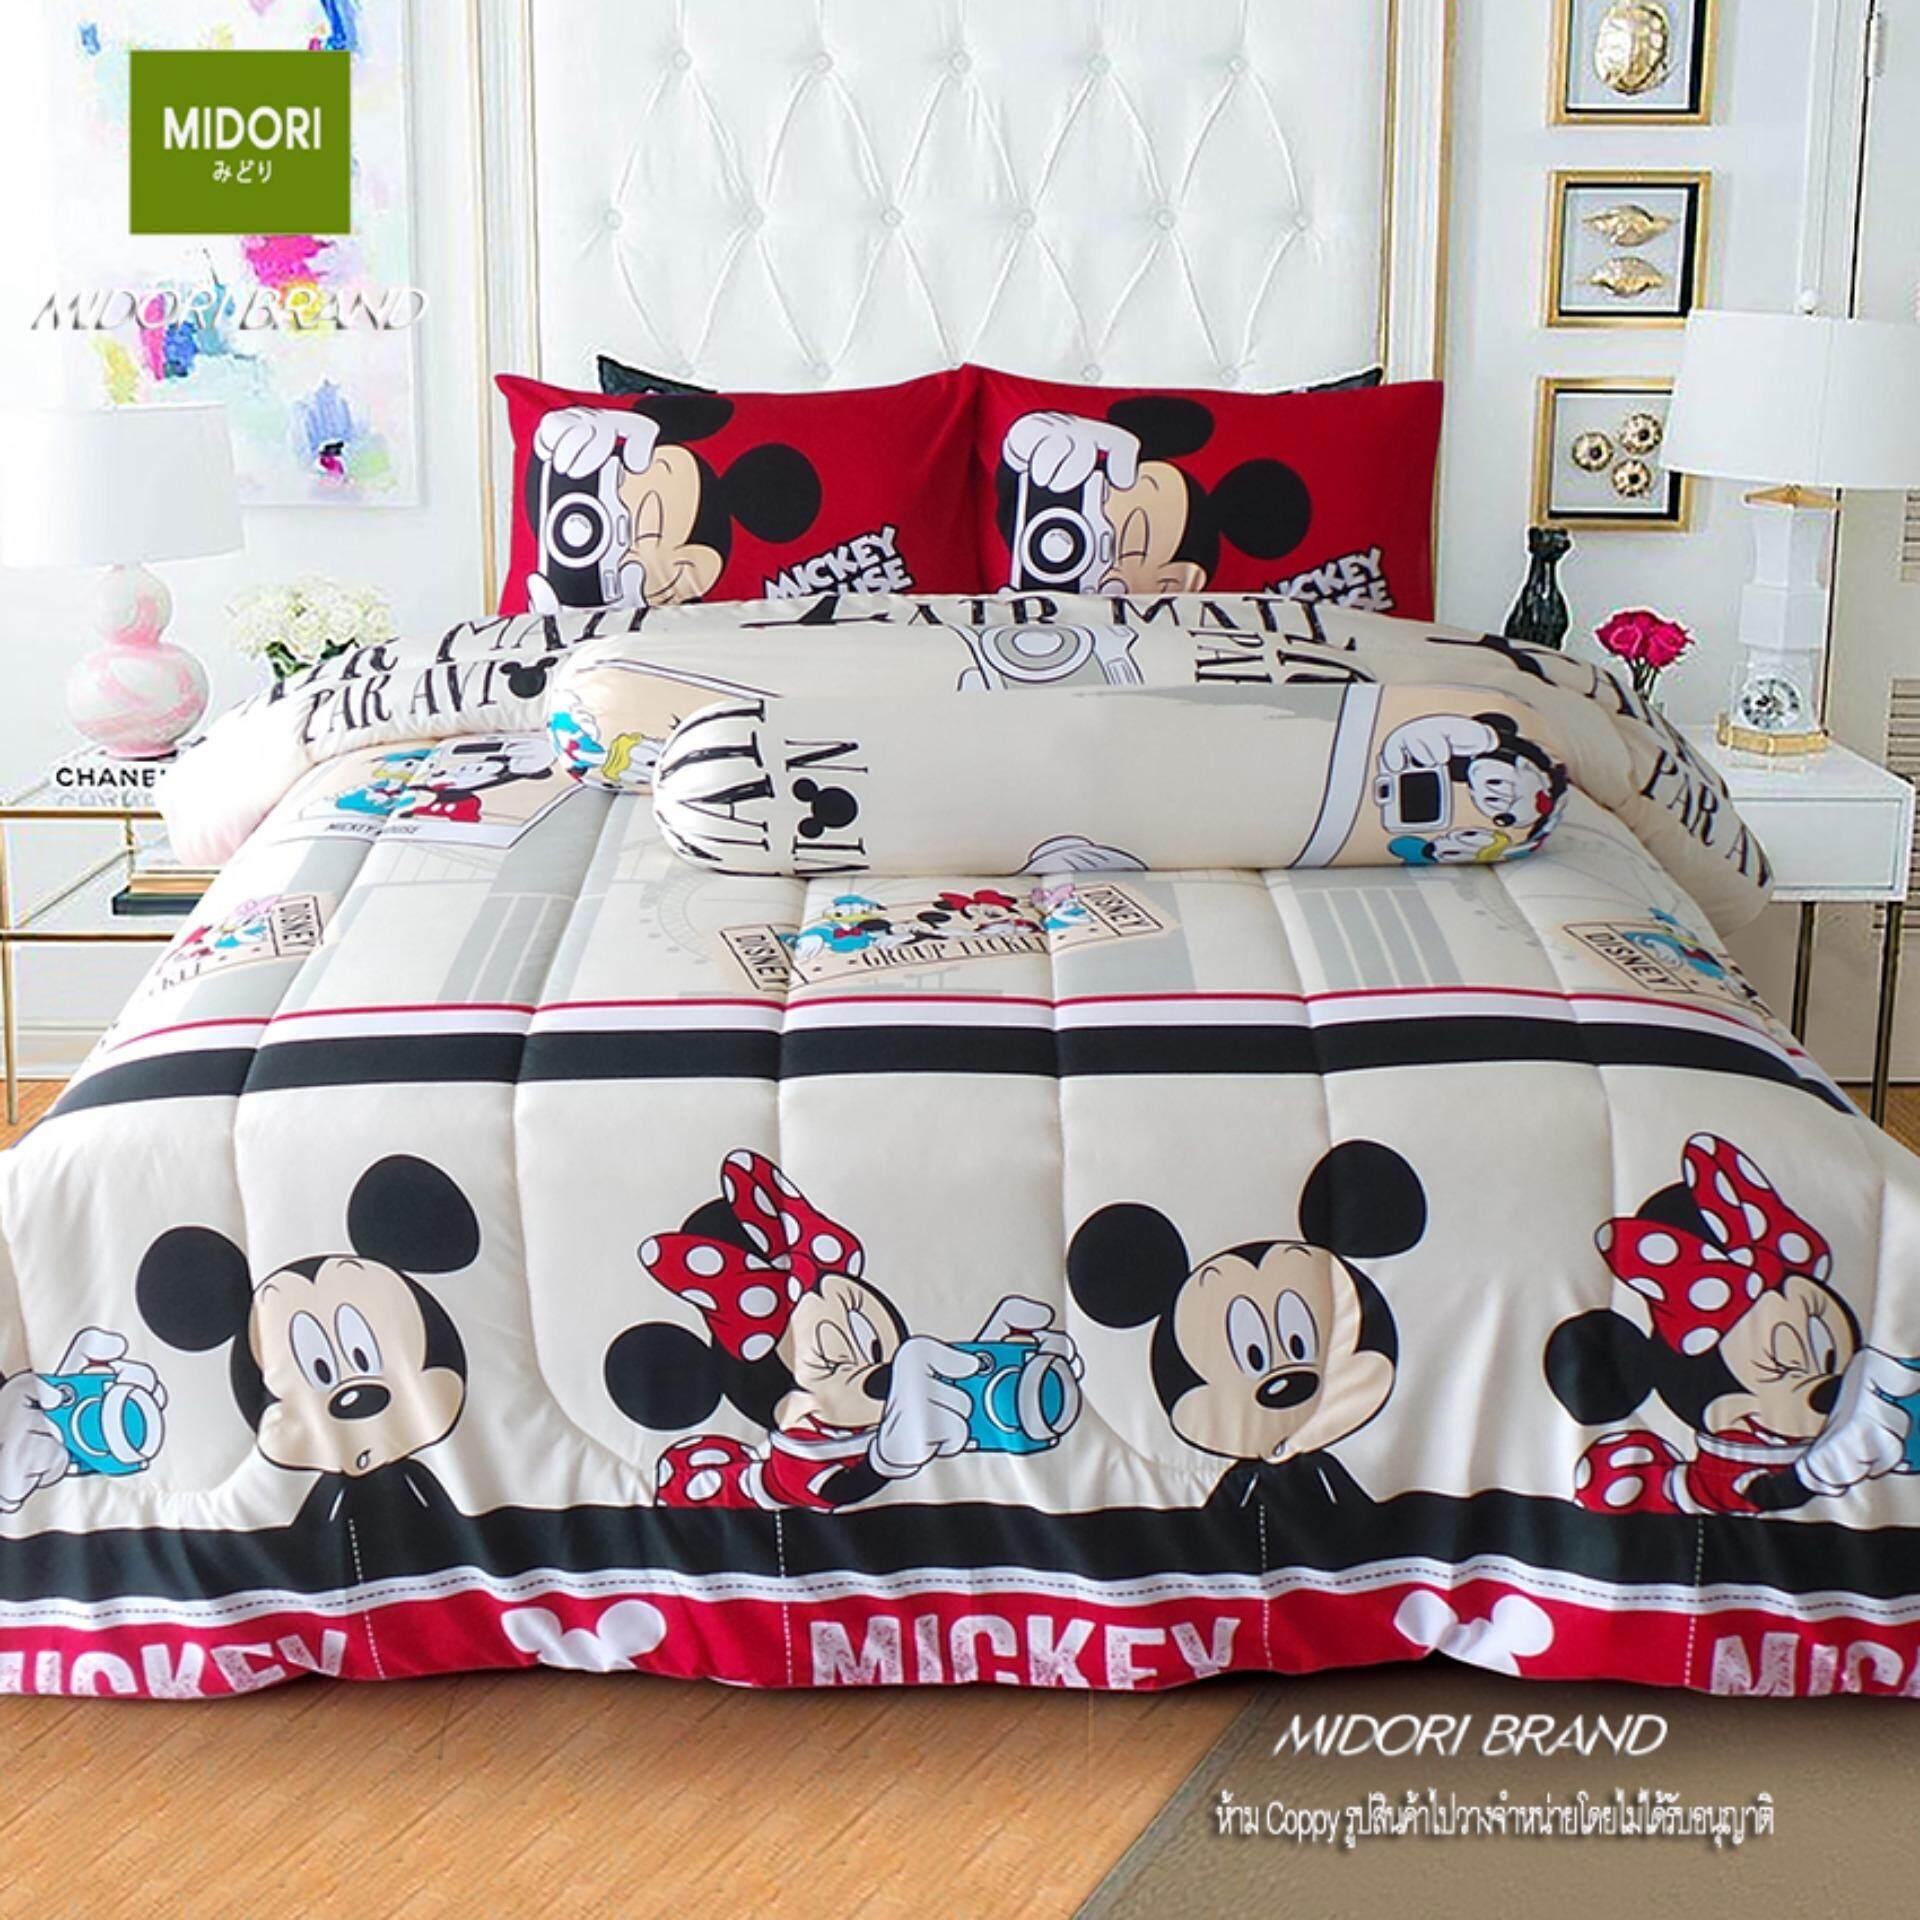 ขาย Midori ชุดผ้าปู 5 ฟุต 5 ชิ้น รุ่น Trendsetter ลาย Mickey Travel Good Bedding ออนไลน์ ใน ไทย